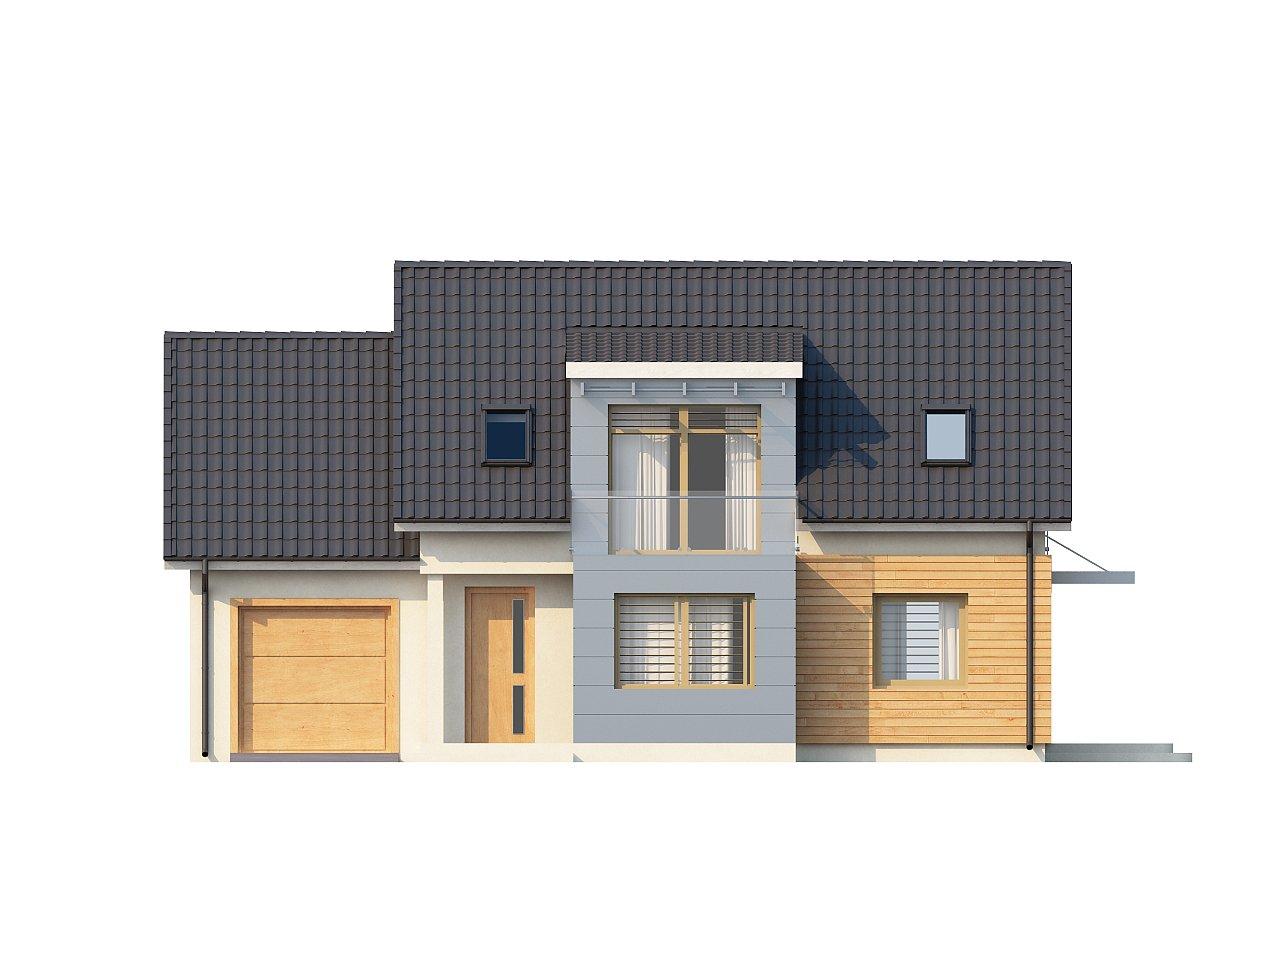 Традиционный практичный дом с современными элементами архитектуры. 8